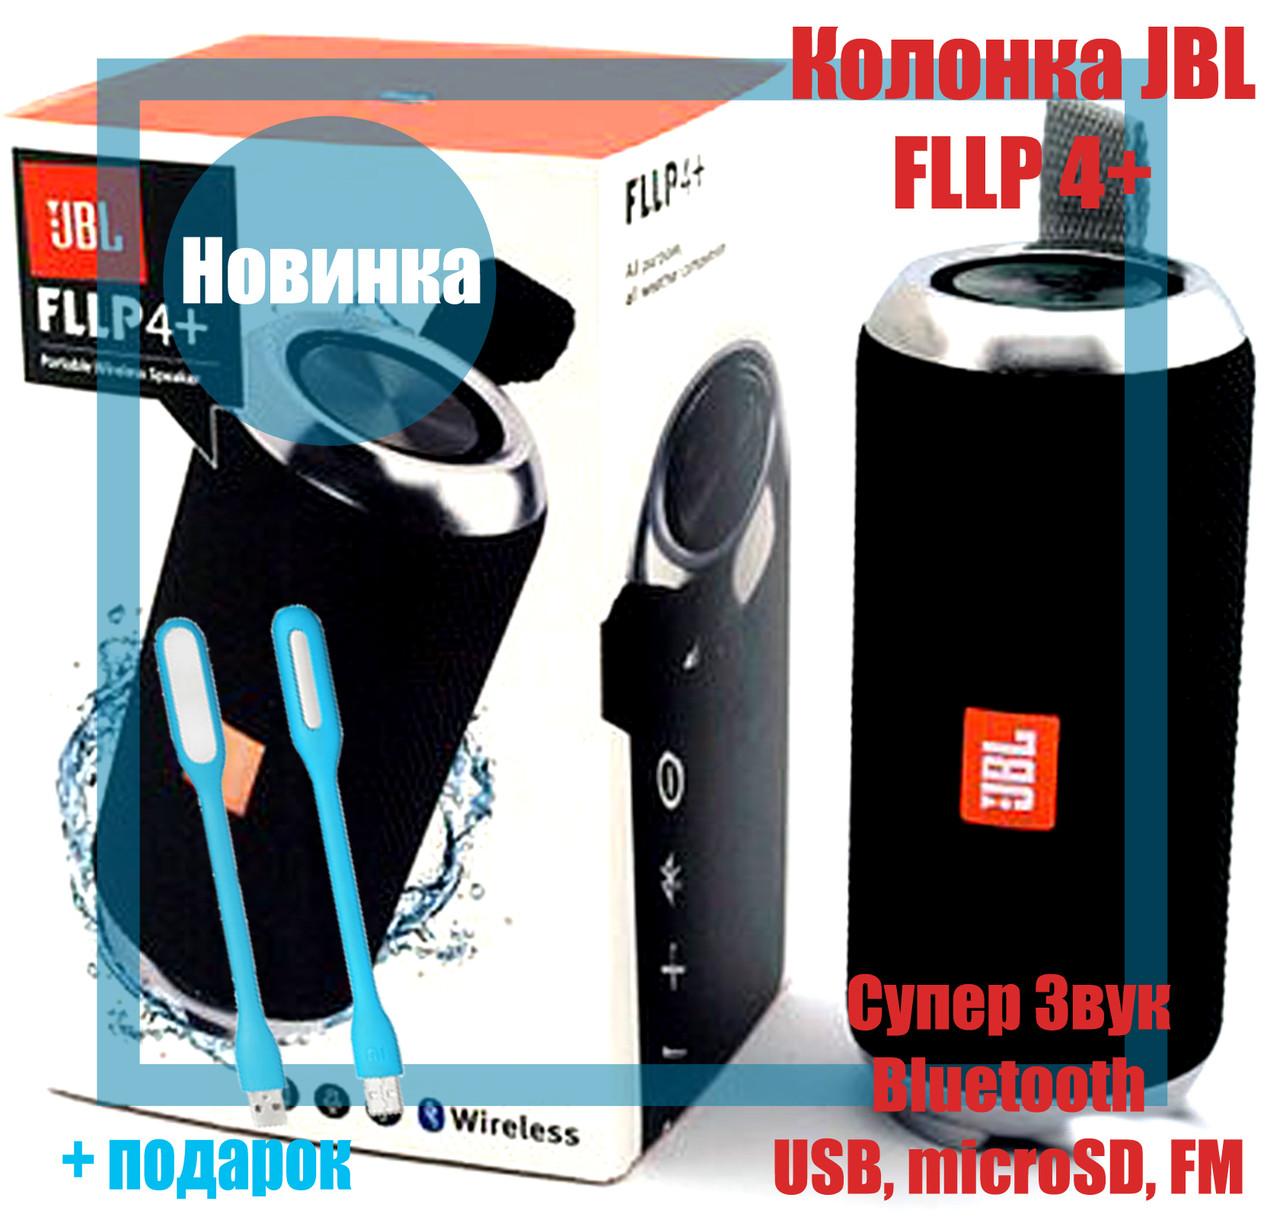 Колонка JBL FLIP 4+ bluetooth, MP3, USB, UAX, влагозащита, чистый звук QualittiReplica